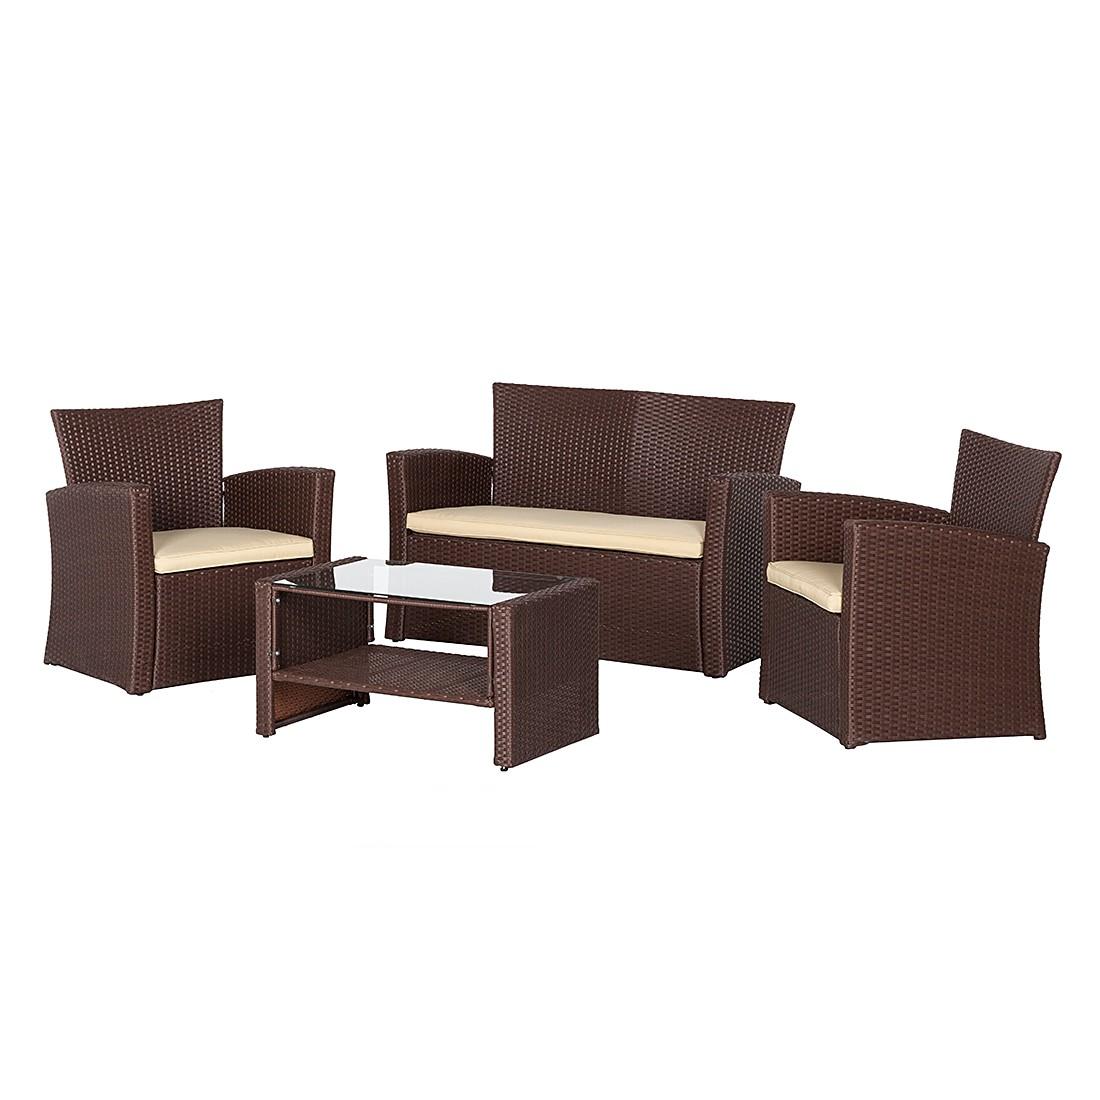 polyrattan sitzgruppe preisvergleich die besten angebote. Black Bedroom Furniture Sets. Home Design Ideas